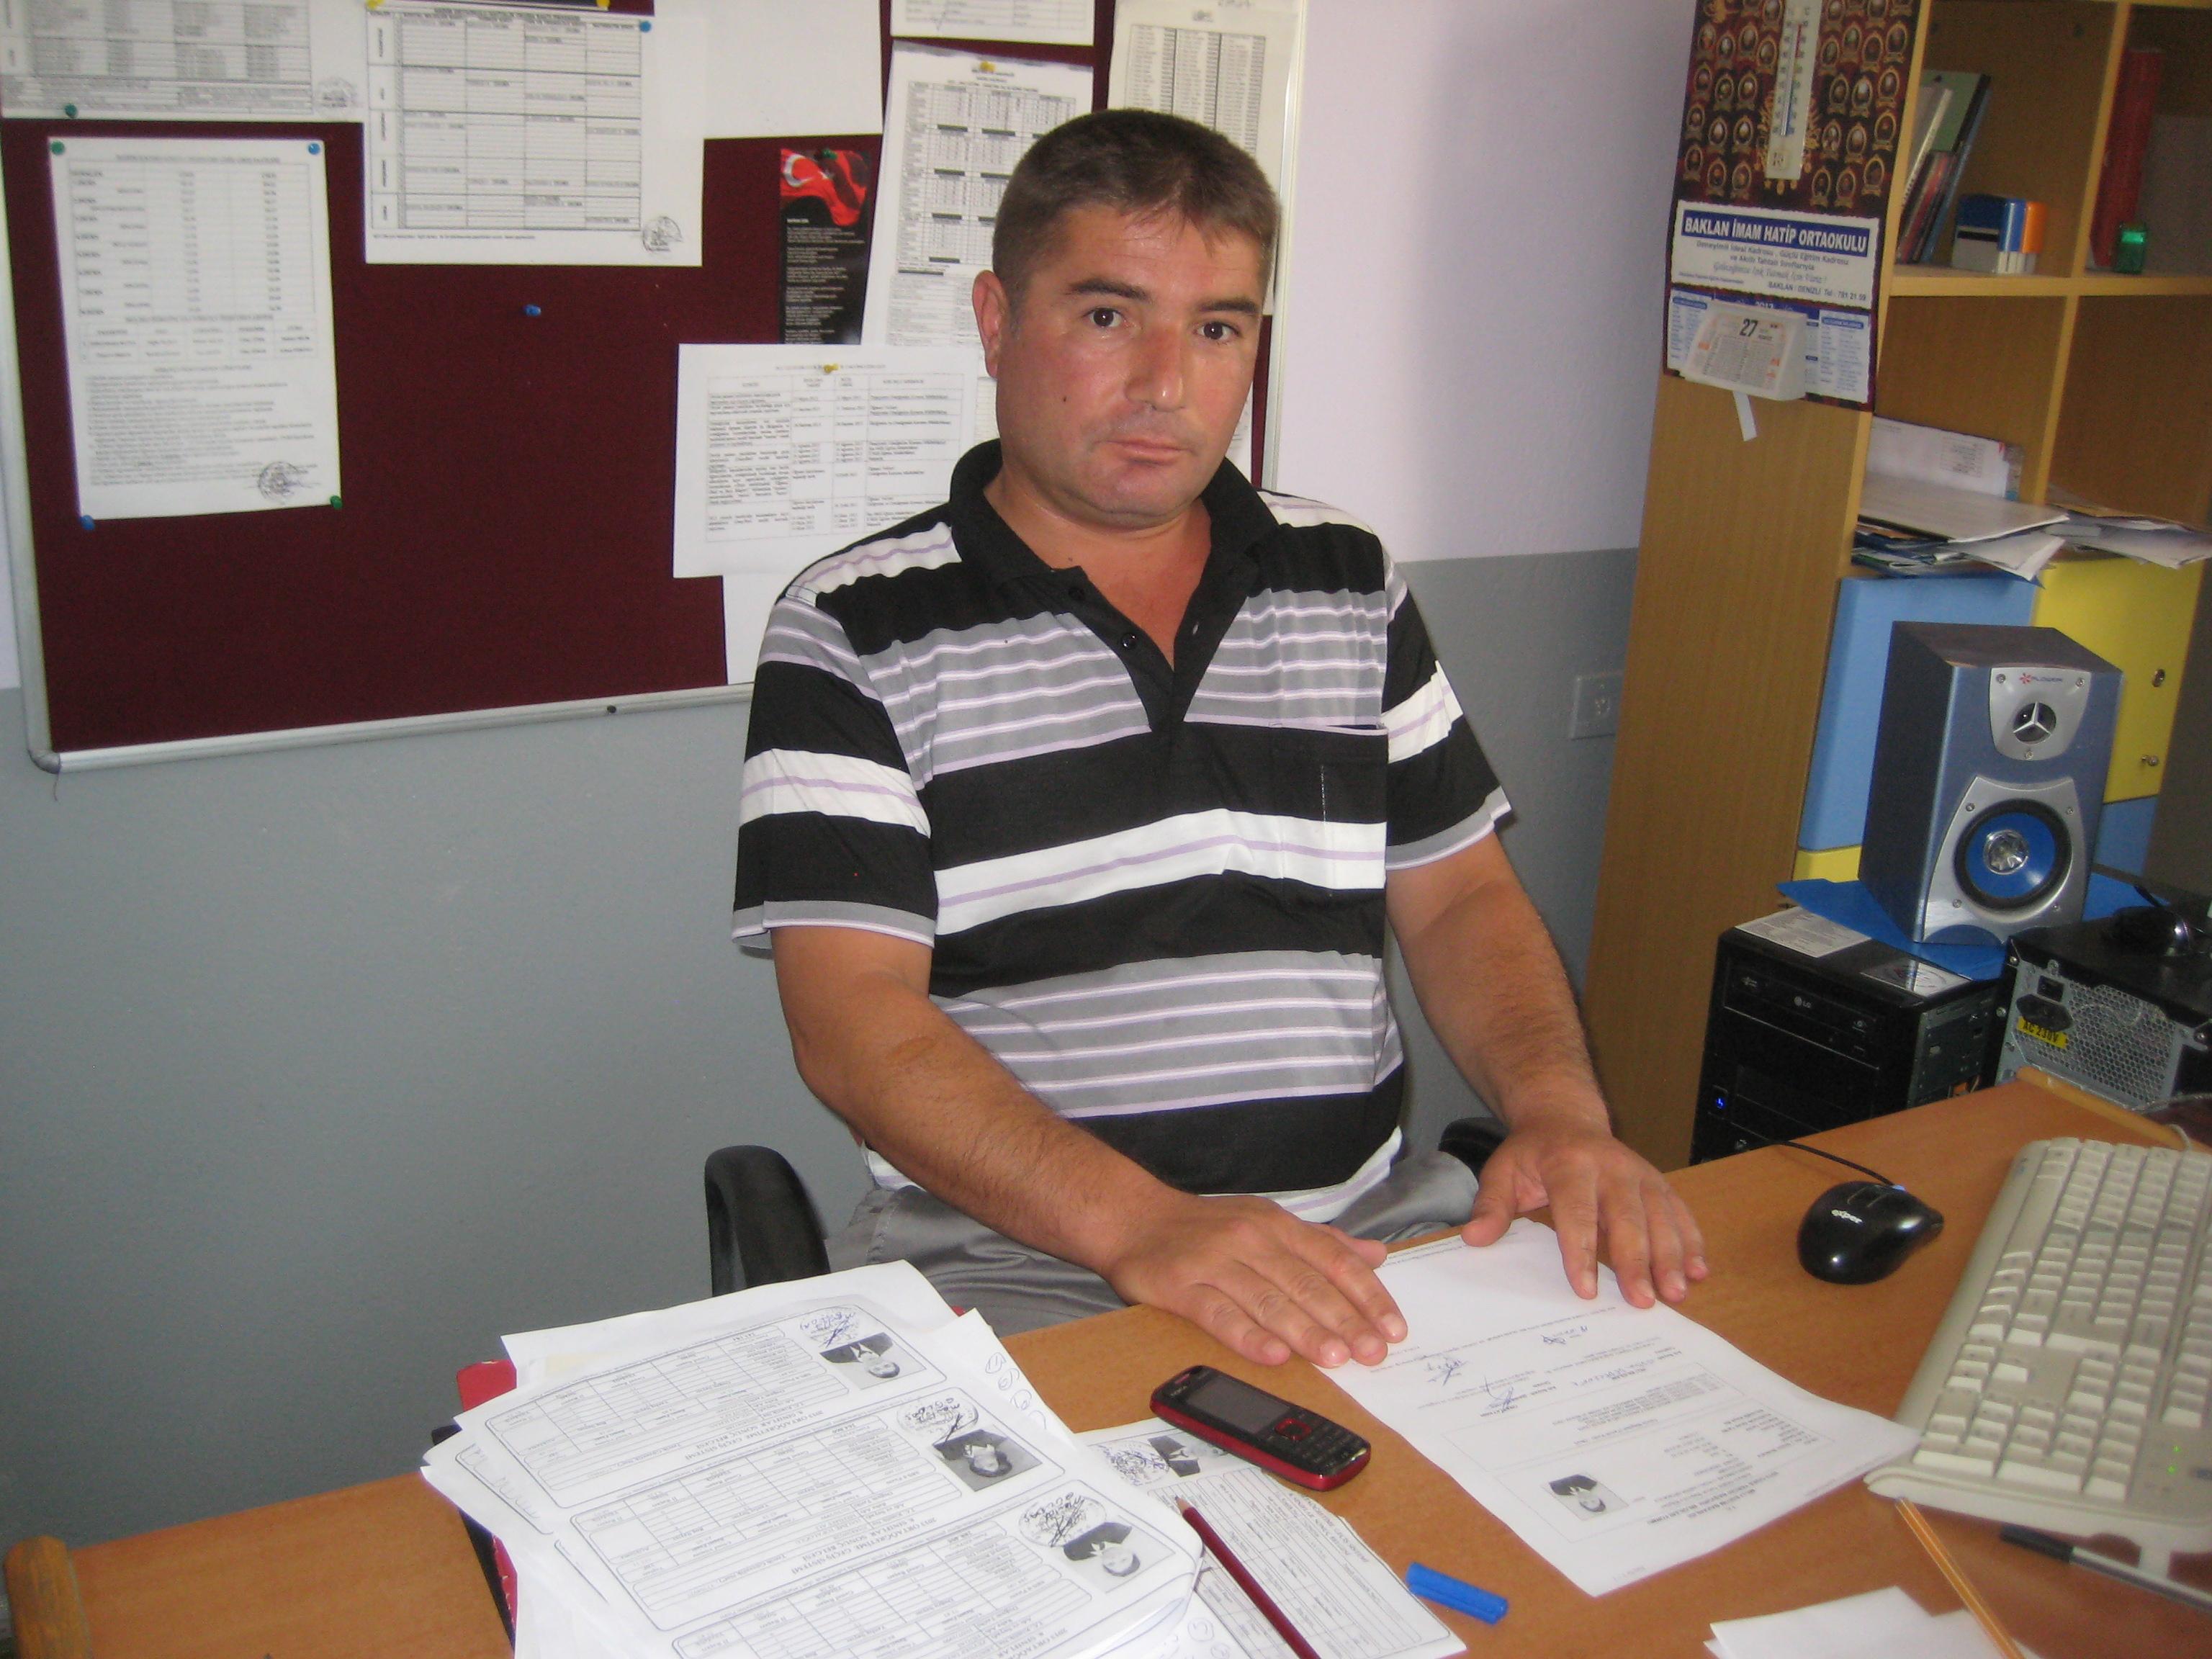 Mevlüt Güldaş Hadim köyü Okulu Müdürü